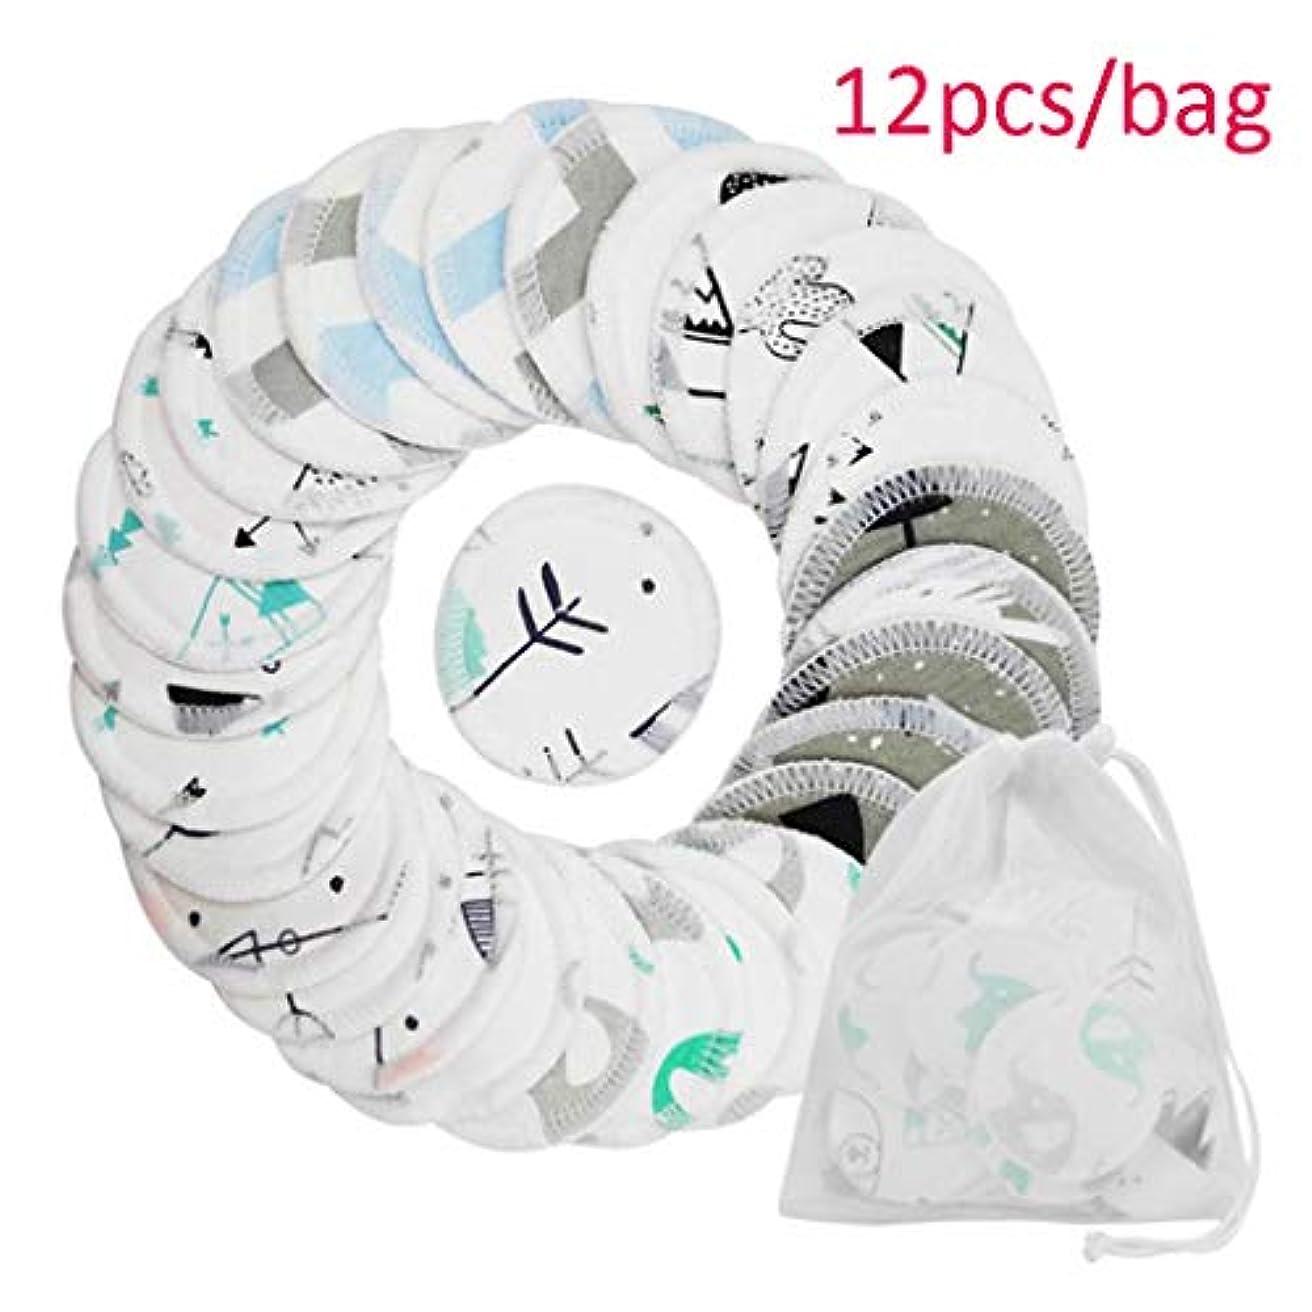 重々しいクルーズ合理的クレンジングシート 再利用可能な洗濯布パッド3層洗える綿ソフトメイクアップリムーバー布用女性の女の子化粧道具 (Color : White, サイズ : A(12pcs/bag))